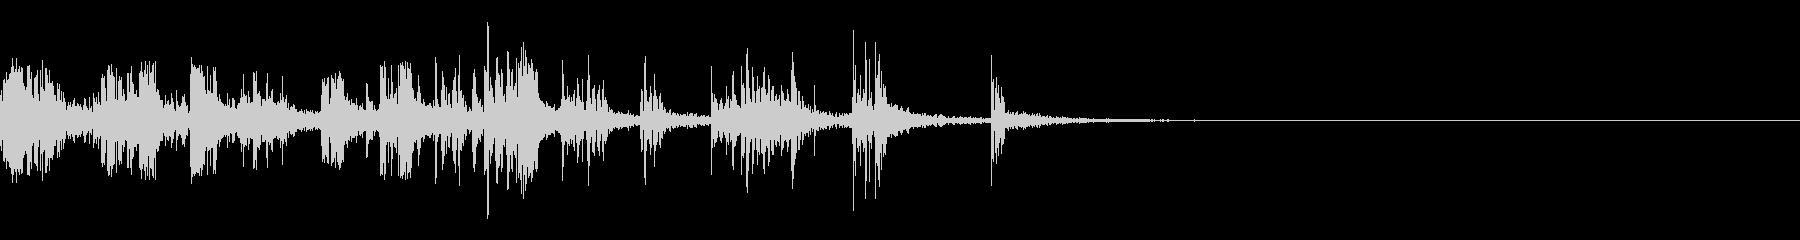 スパーク音-22の未再生の波形